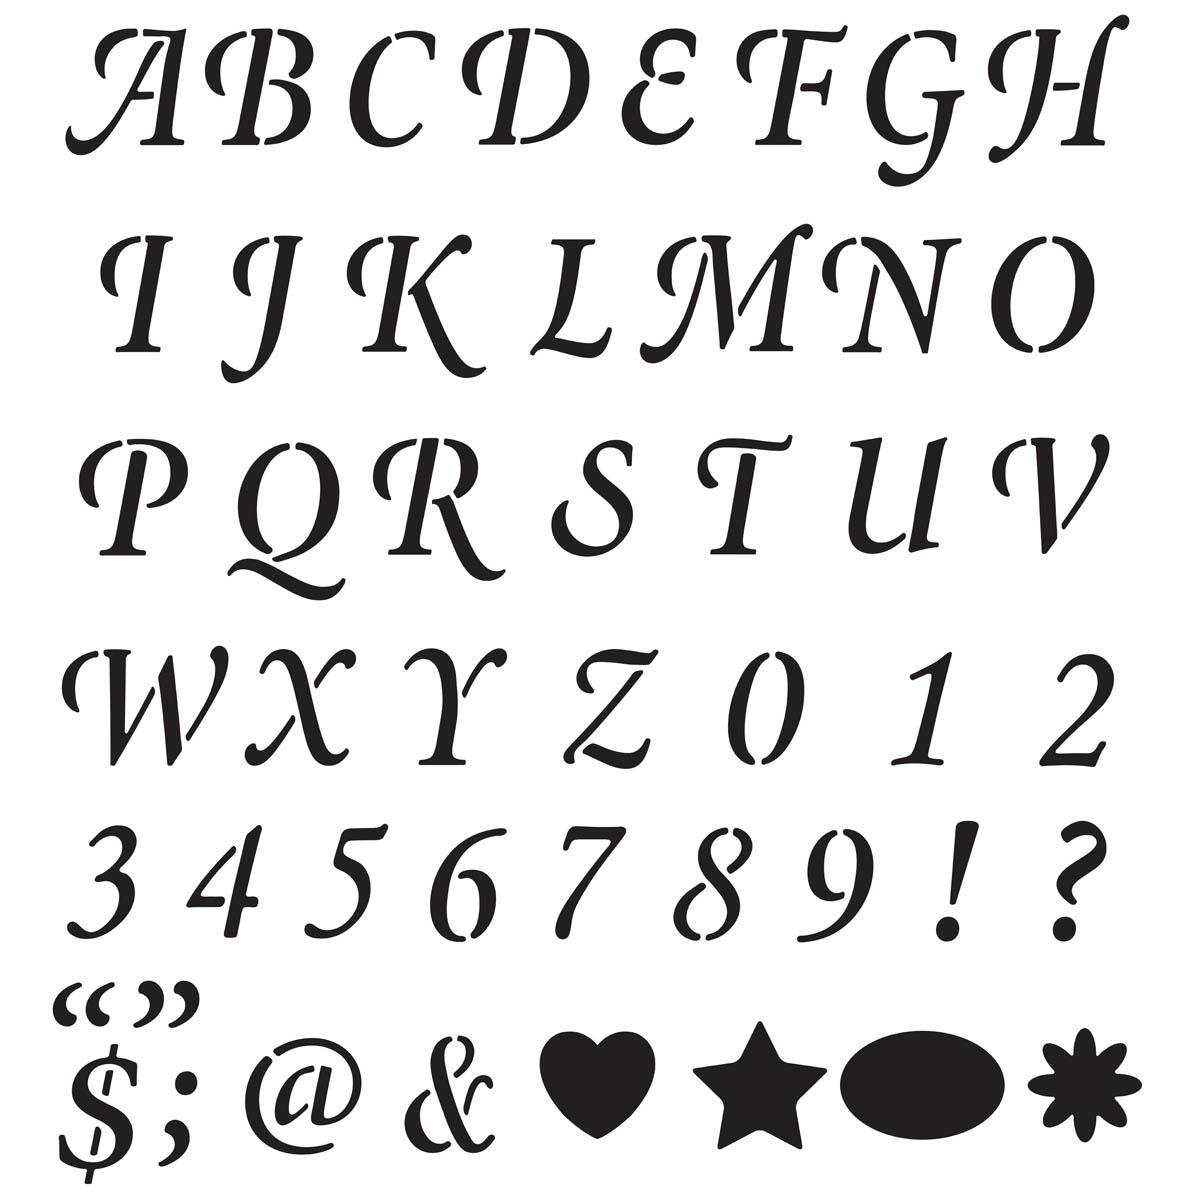 Plaid ® Stencils - Value Packs - Letter Stencils - 2